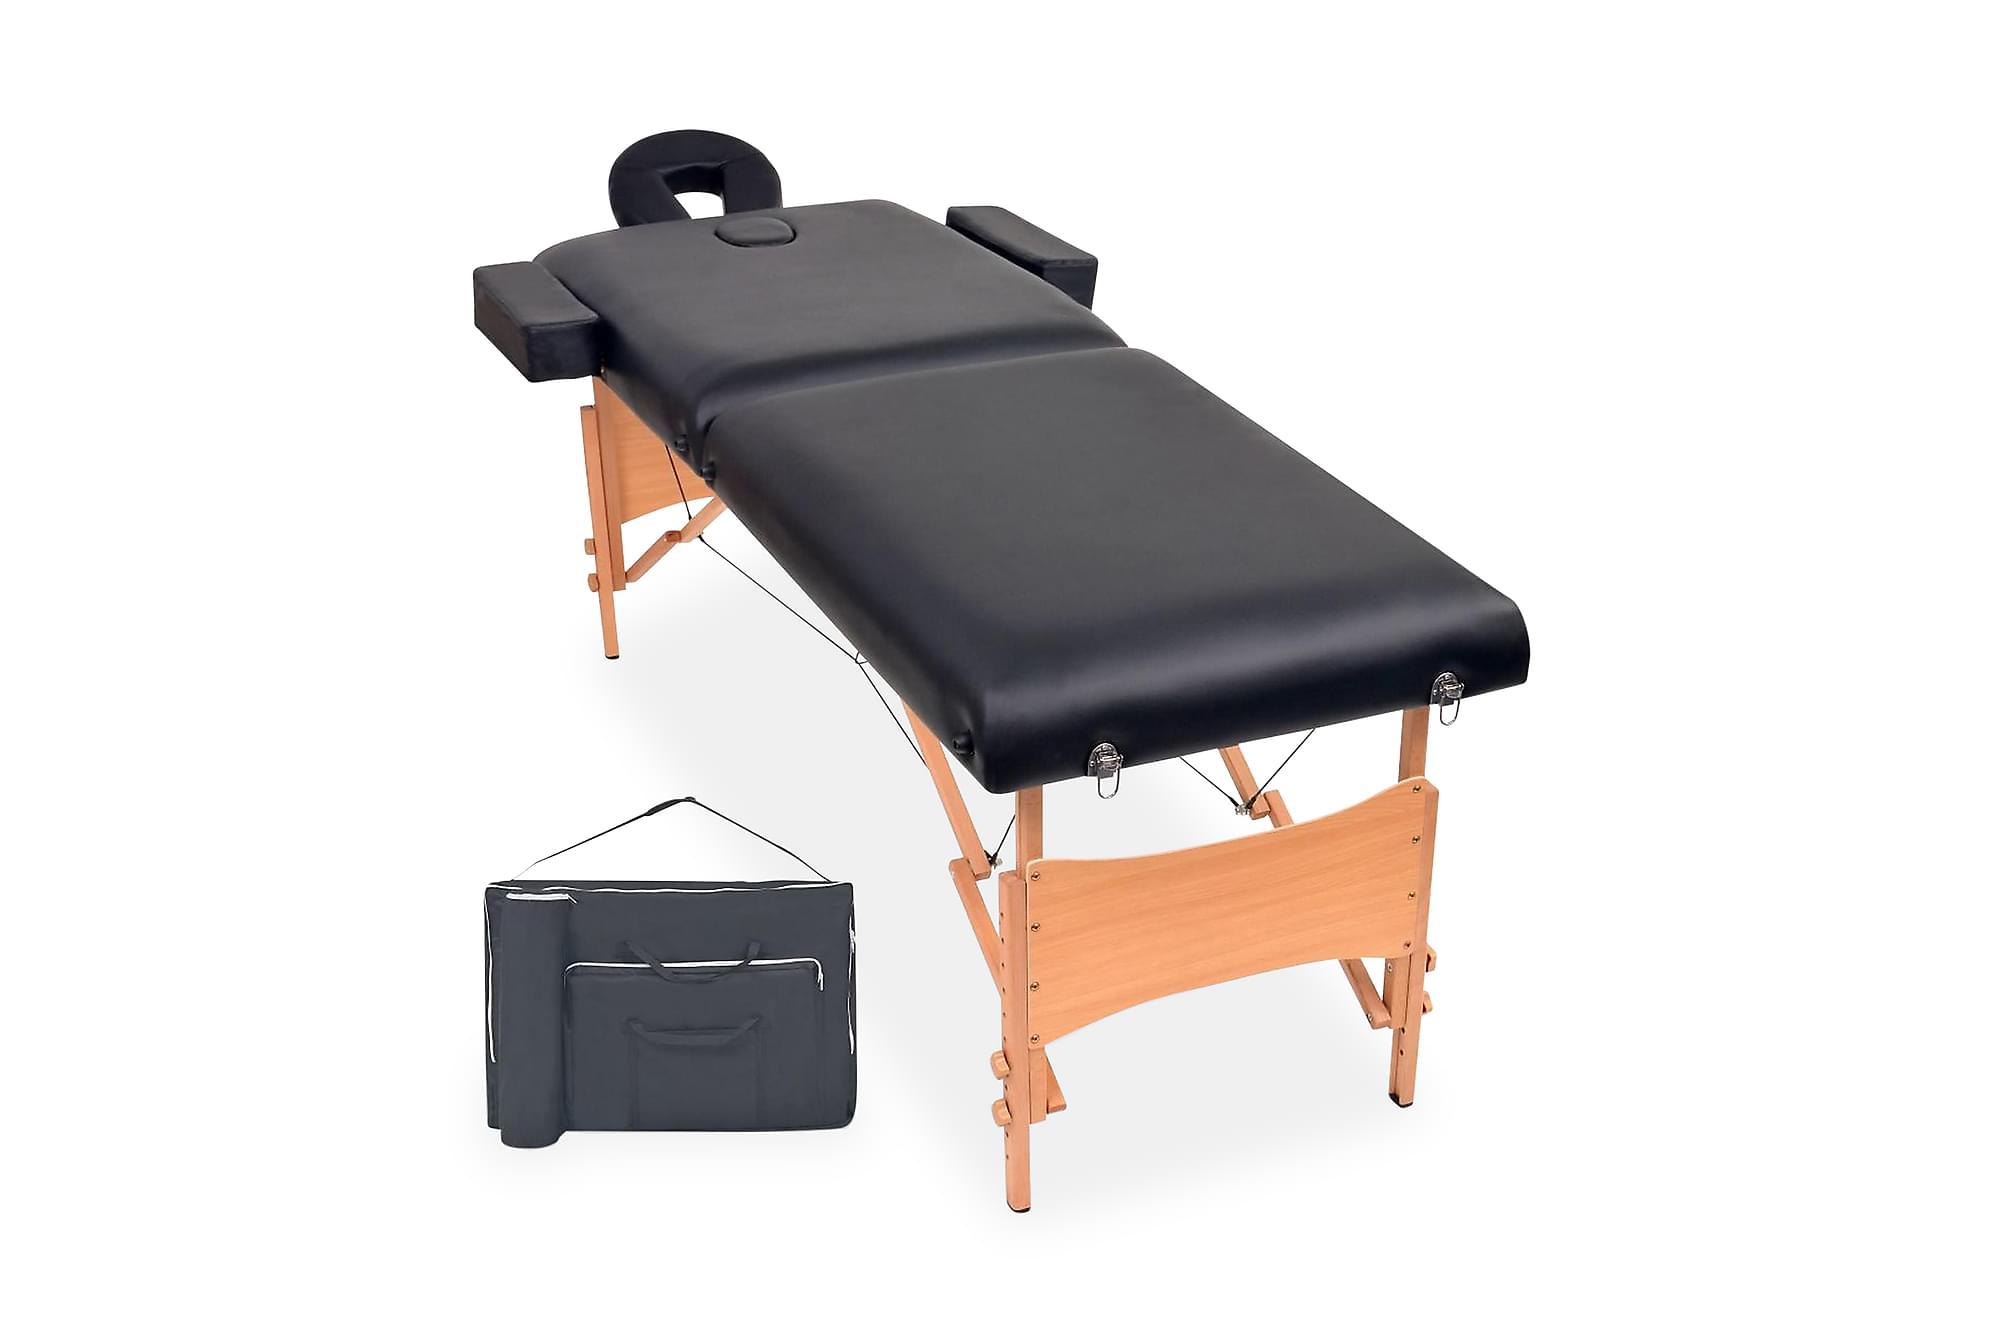 Hopfällbar massagebänk 2 sektioner 10 cm tjock svart